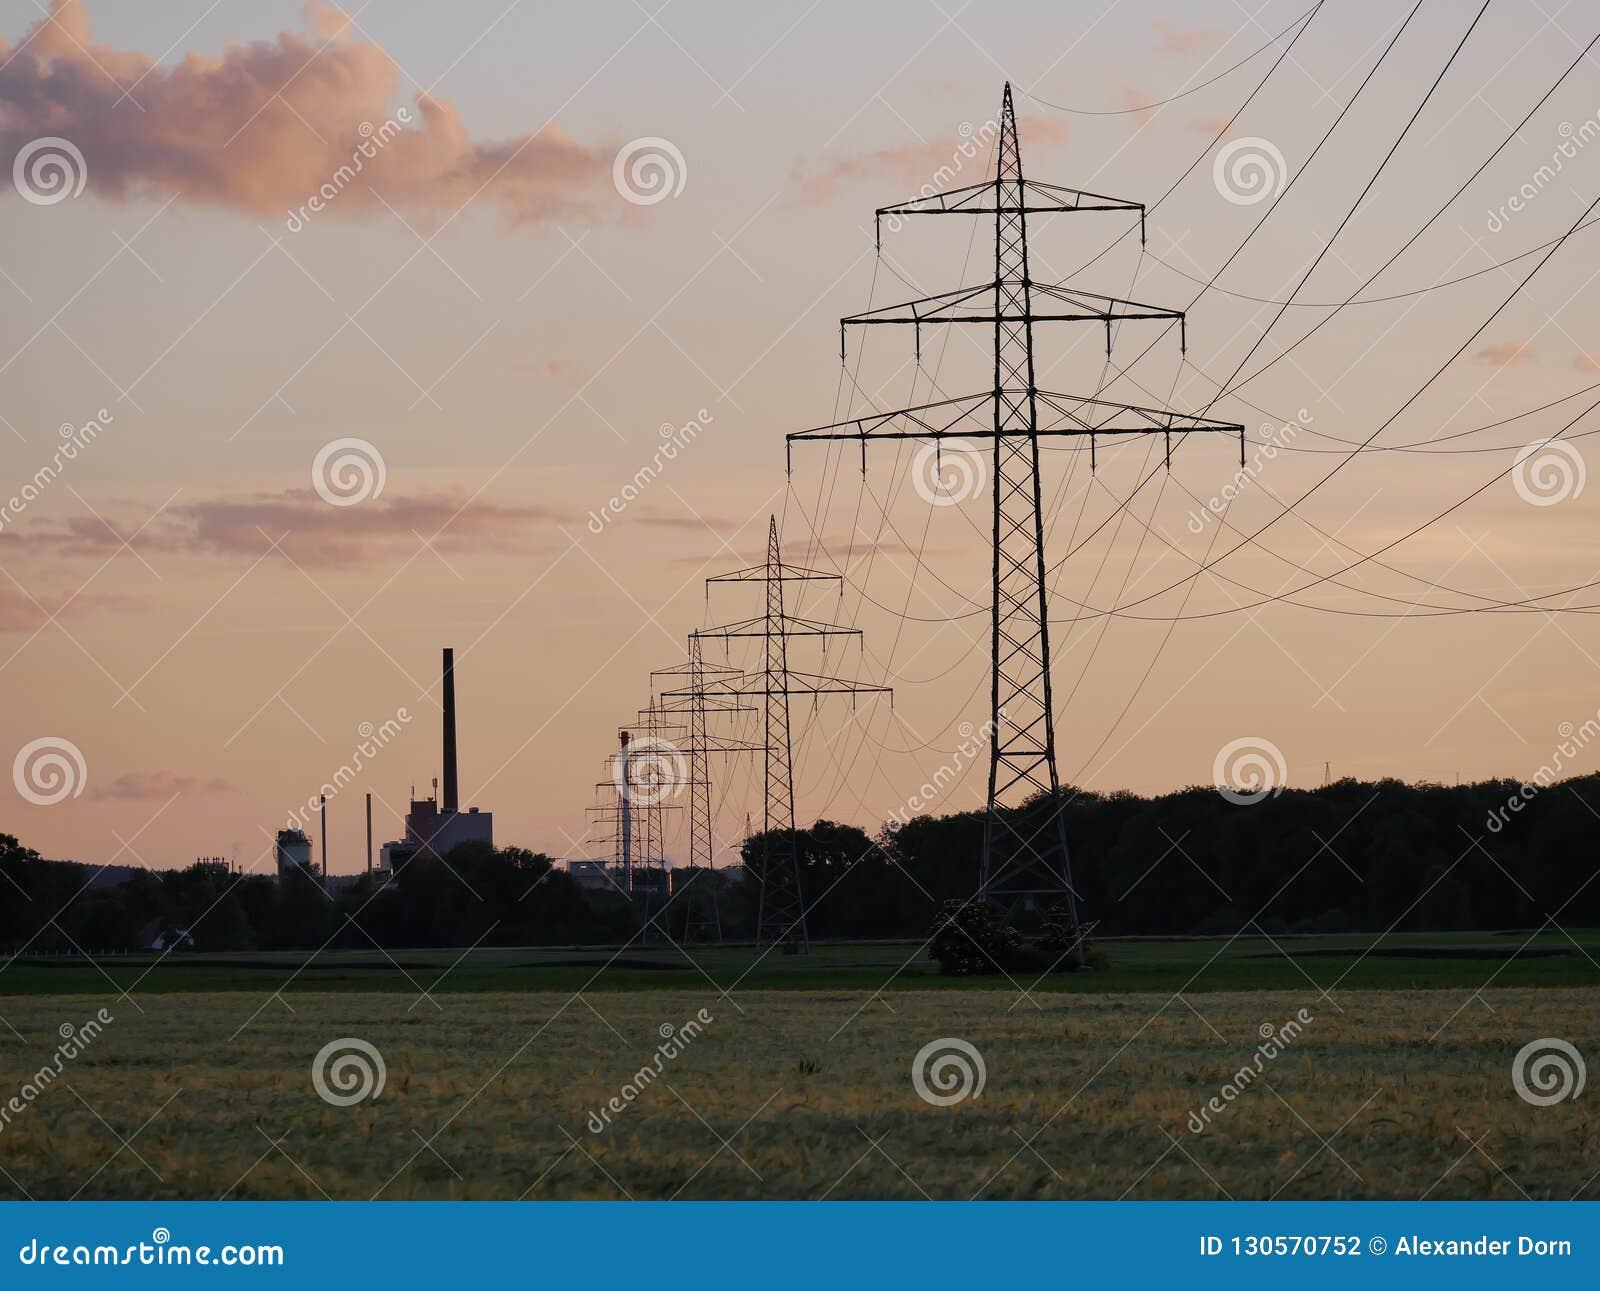 Εικόνα του ηλεκτροφόρου καλωδίου κατά τη διάρκεια του ηλιοβασιλέματος με τις εγκαταστάσεις παραγωγής ενέργειας